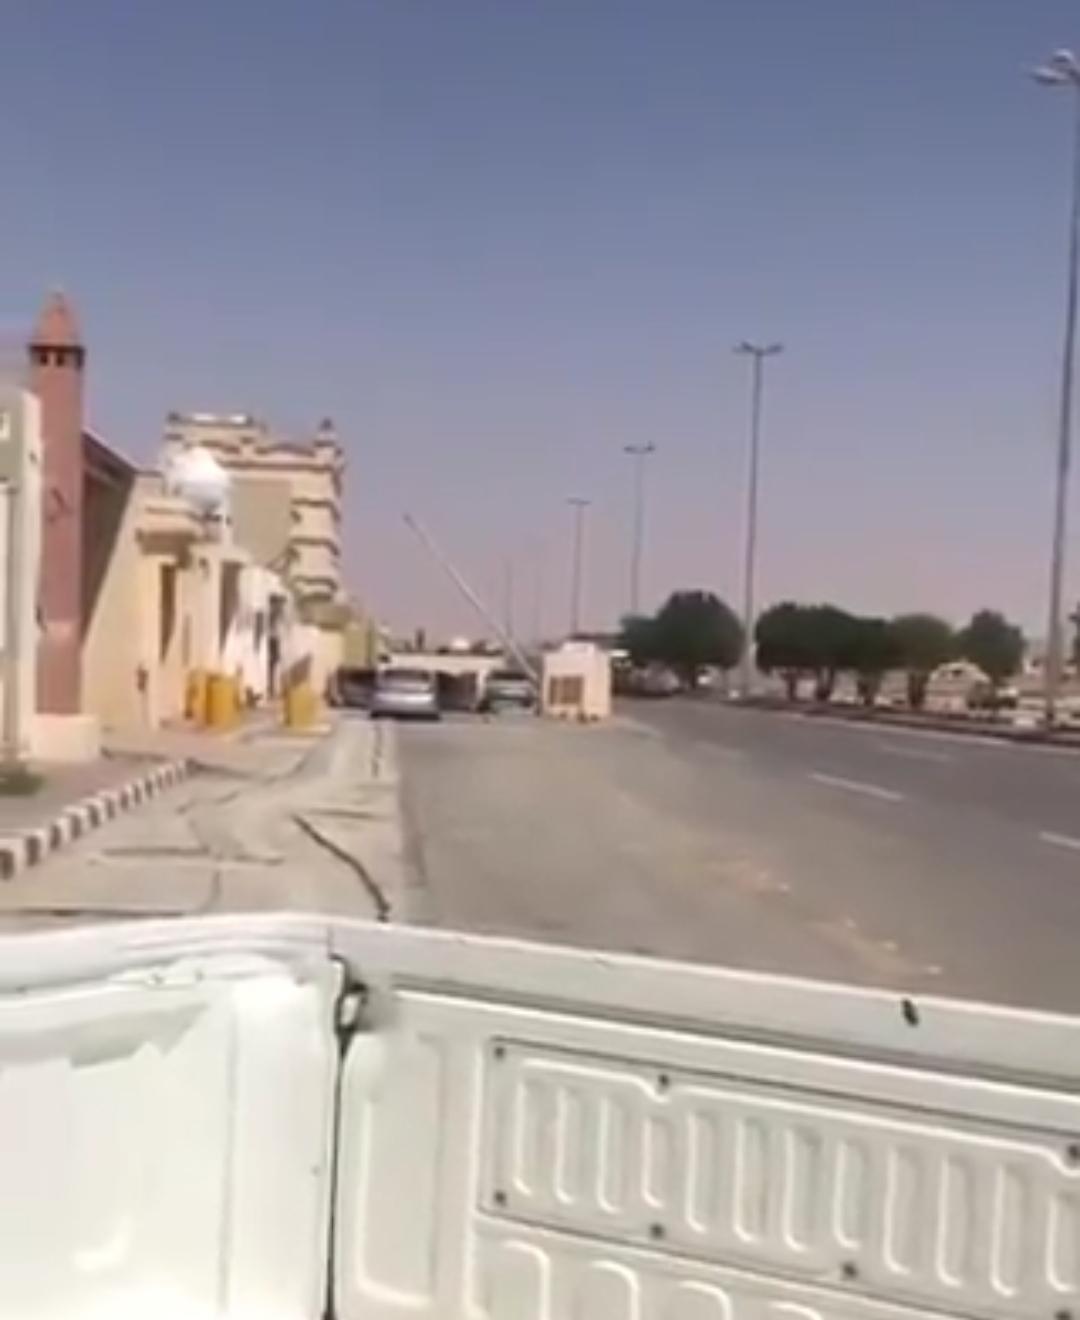 أمن الدولة تكشف ملابسات العمل الإرهابي بالزلفي و عدد المصابين من رجال الأمن وعدد الهالكين